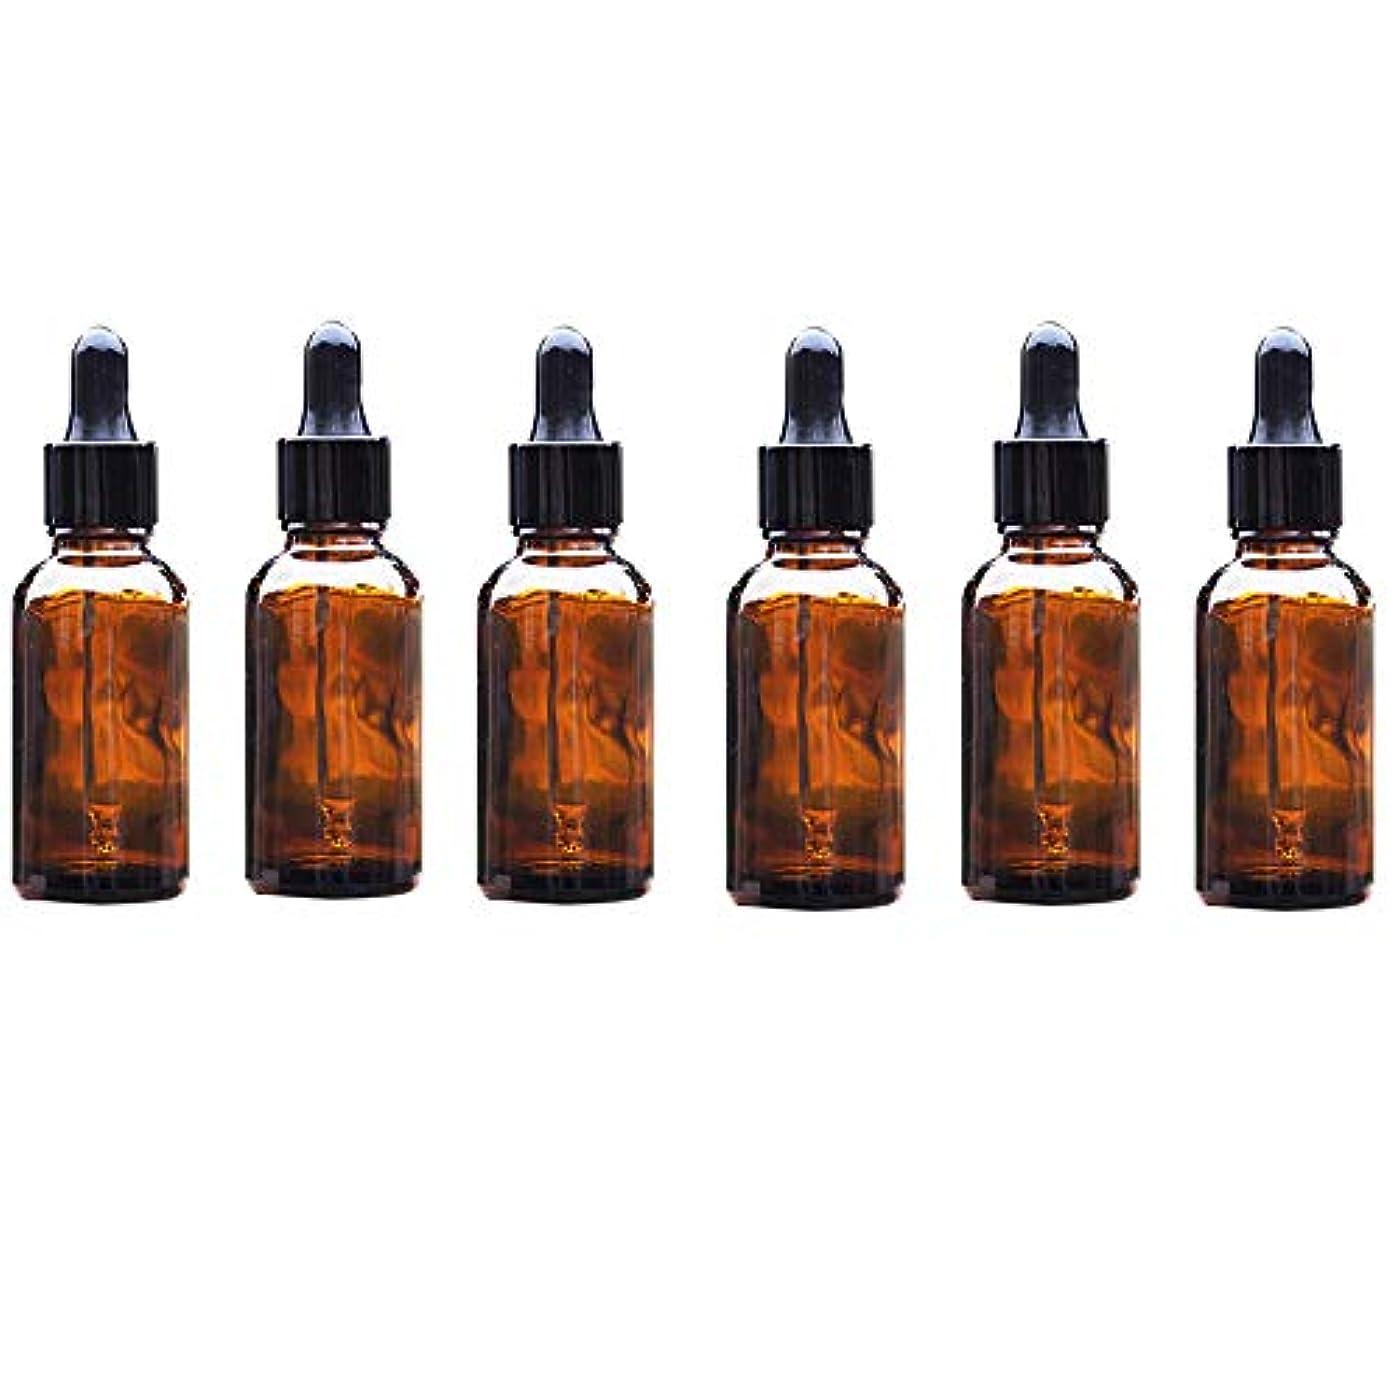 Lindexs スポイト遮光瓶 アロマボトル アロマ保存容器 アロマオイル エッセンシャルオイル 精油 小分け用 スポイト キャップ 茶色 遮光瓶 ガラス製 20ml 6本セット